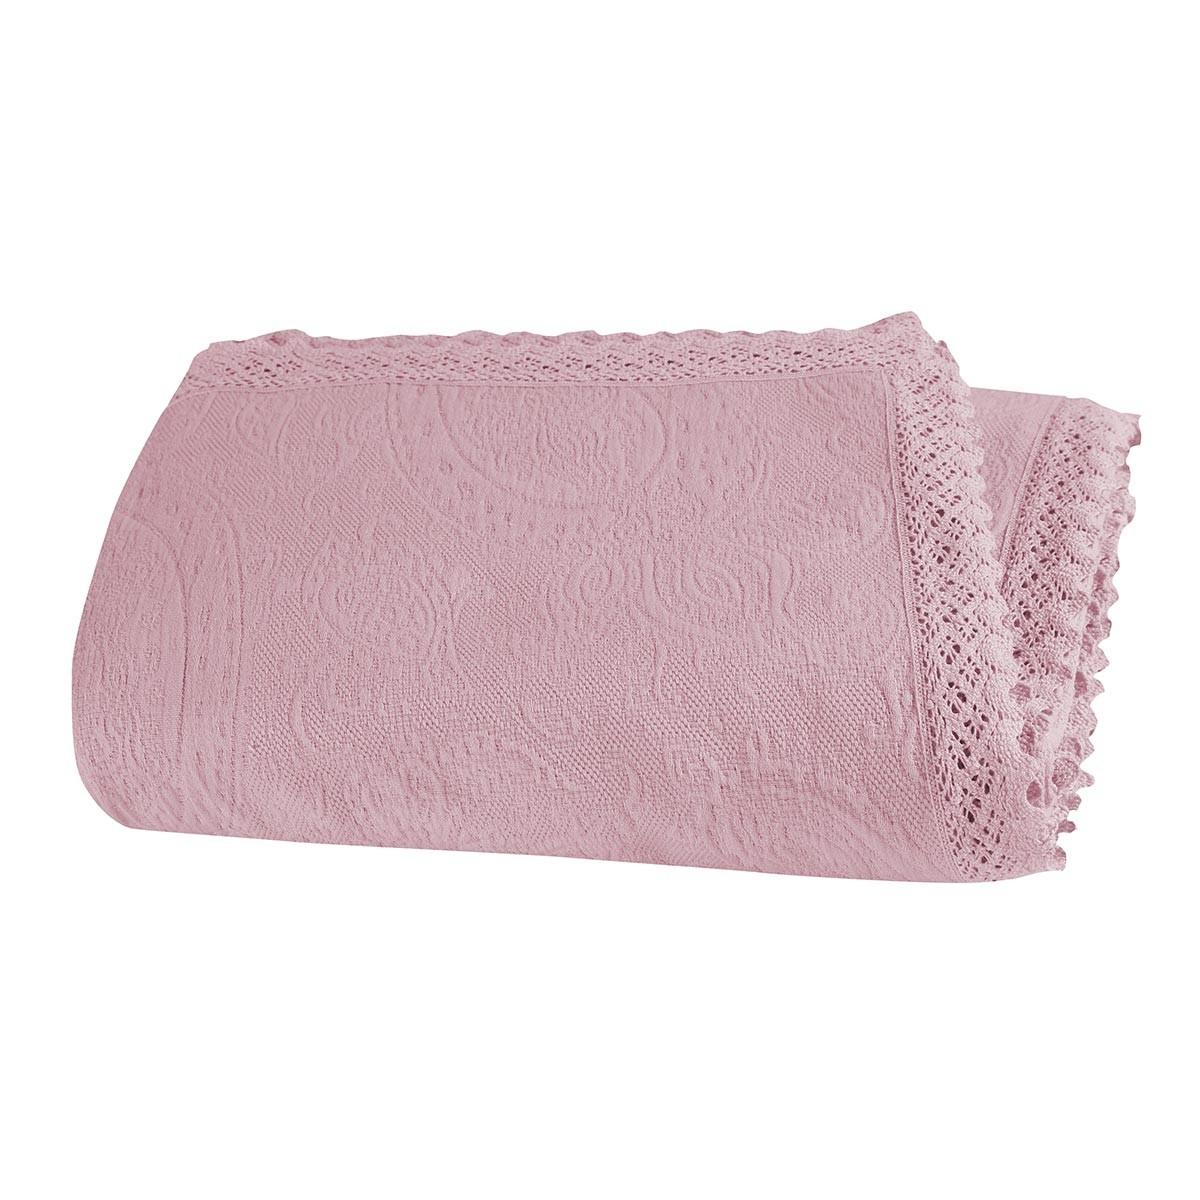 Κουβερτόριο Υπέρδιπλο Nef-Nef Abigail Pink home   κρεβατοκάμαρα   κουβέρτες   κουβέρτες καλοκαιρινές υπέρδιπλες